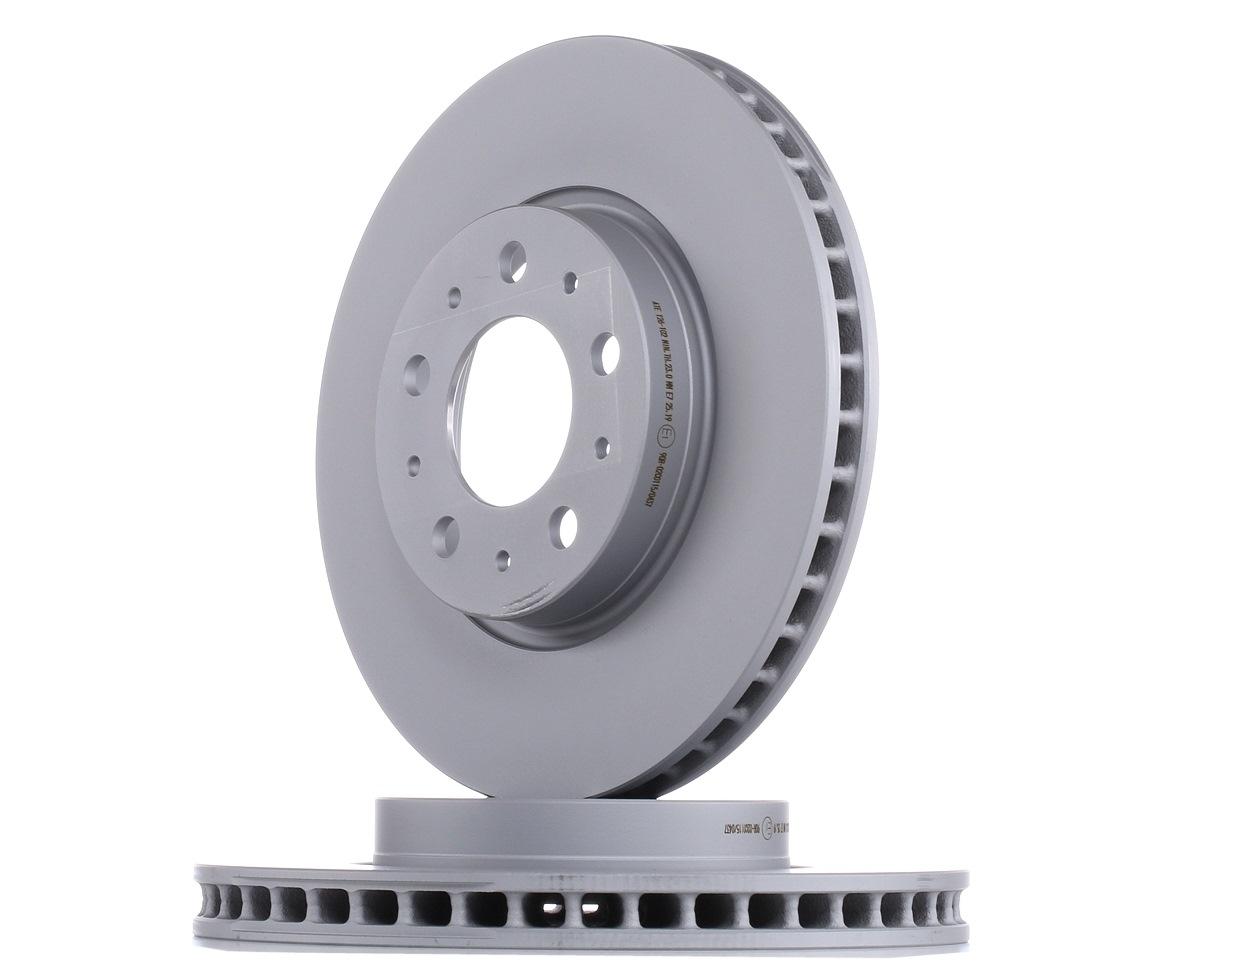 VOLVO S70 2000 Bremsscheiben - Original ATE 24.0126-0102.1 Ø: 280,3mm, Lochanzahl: 5, Bremsscheibendicke: 26,0mm